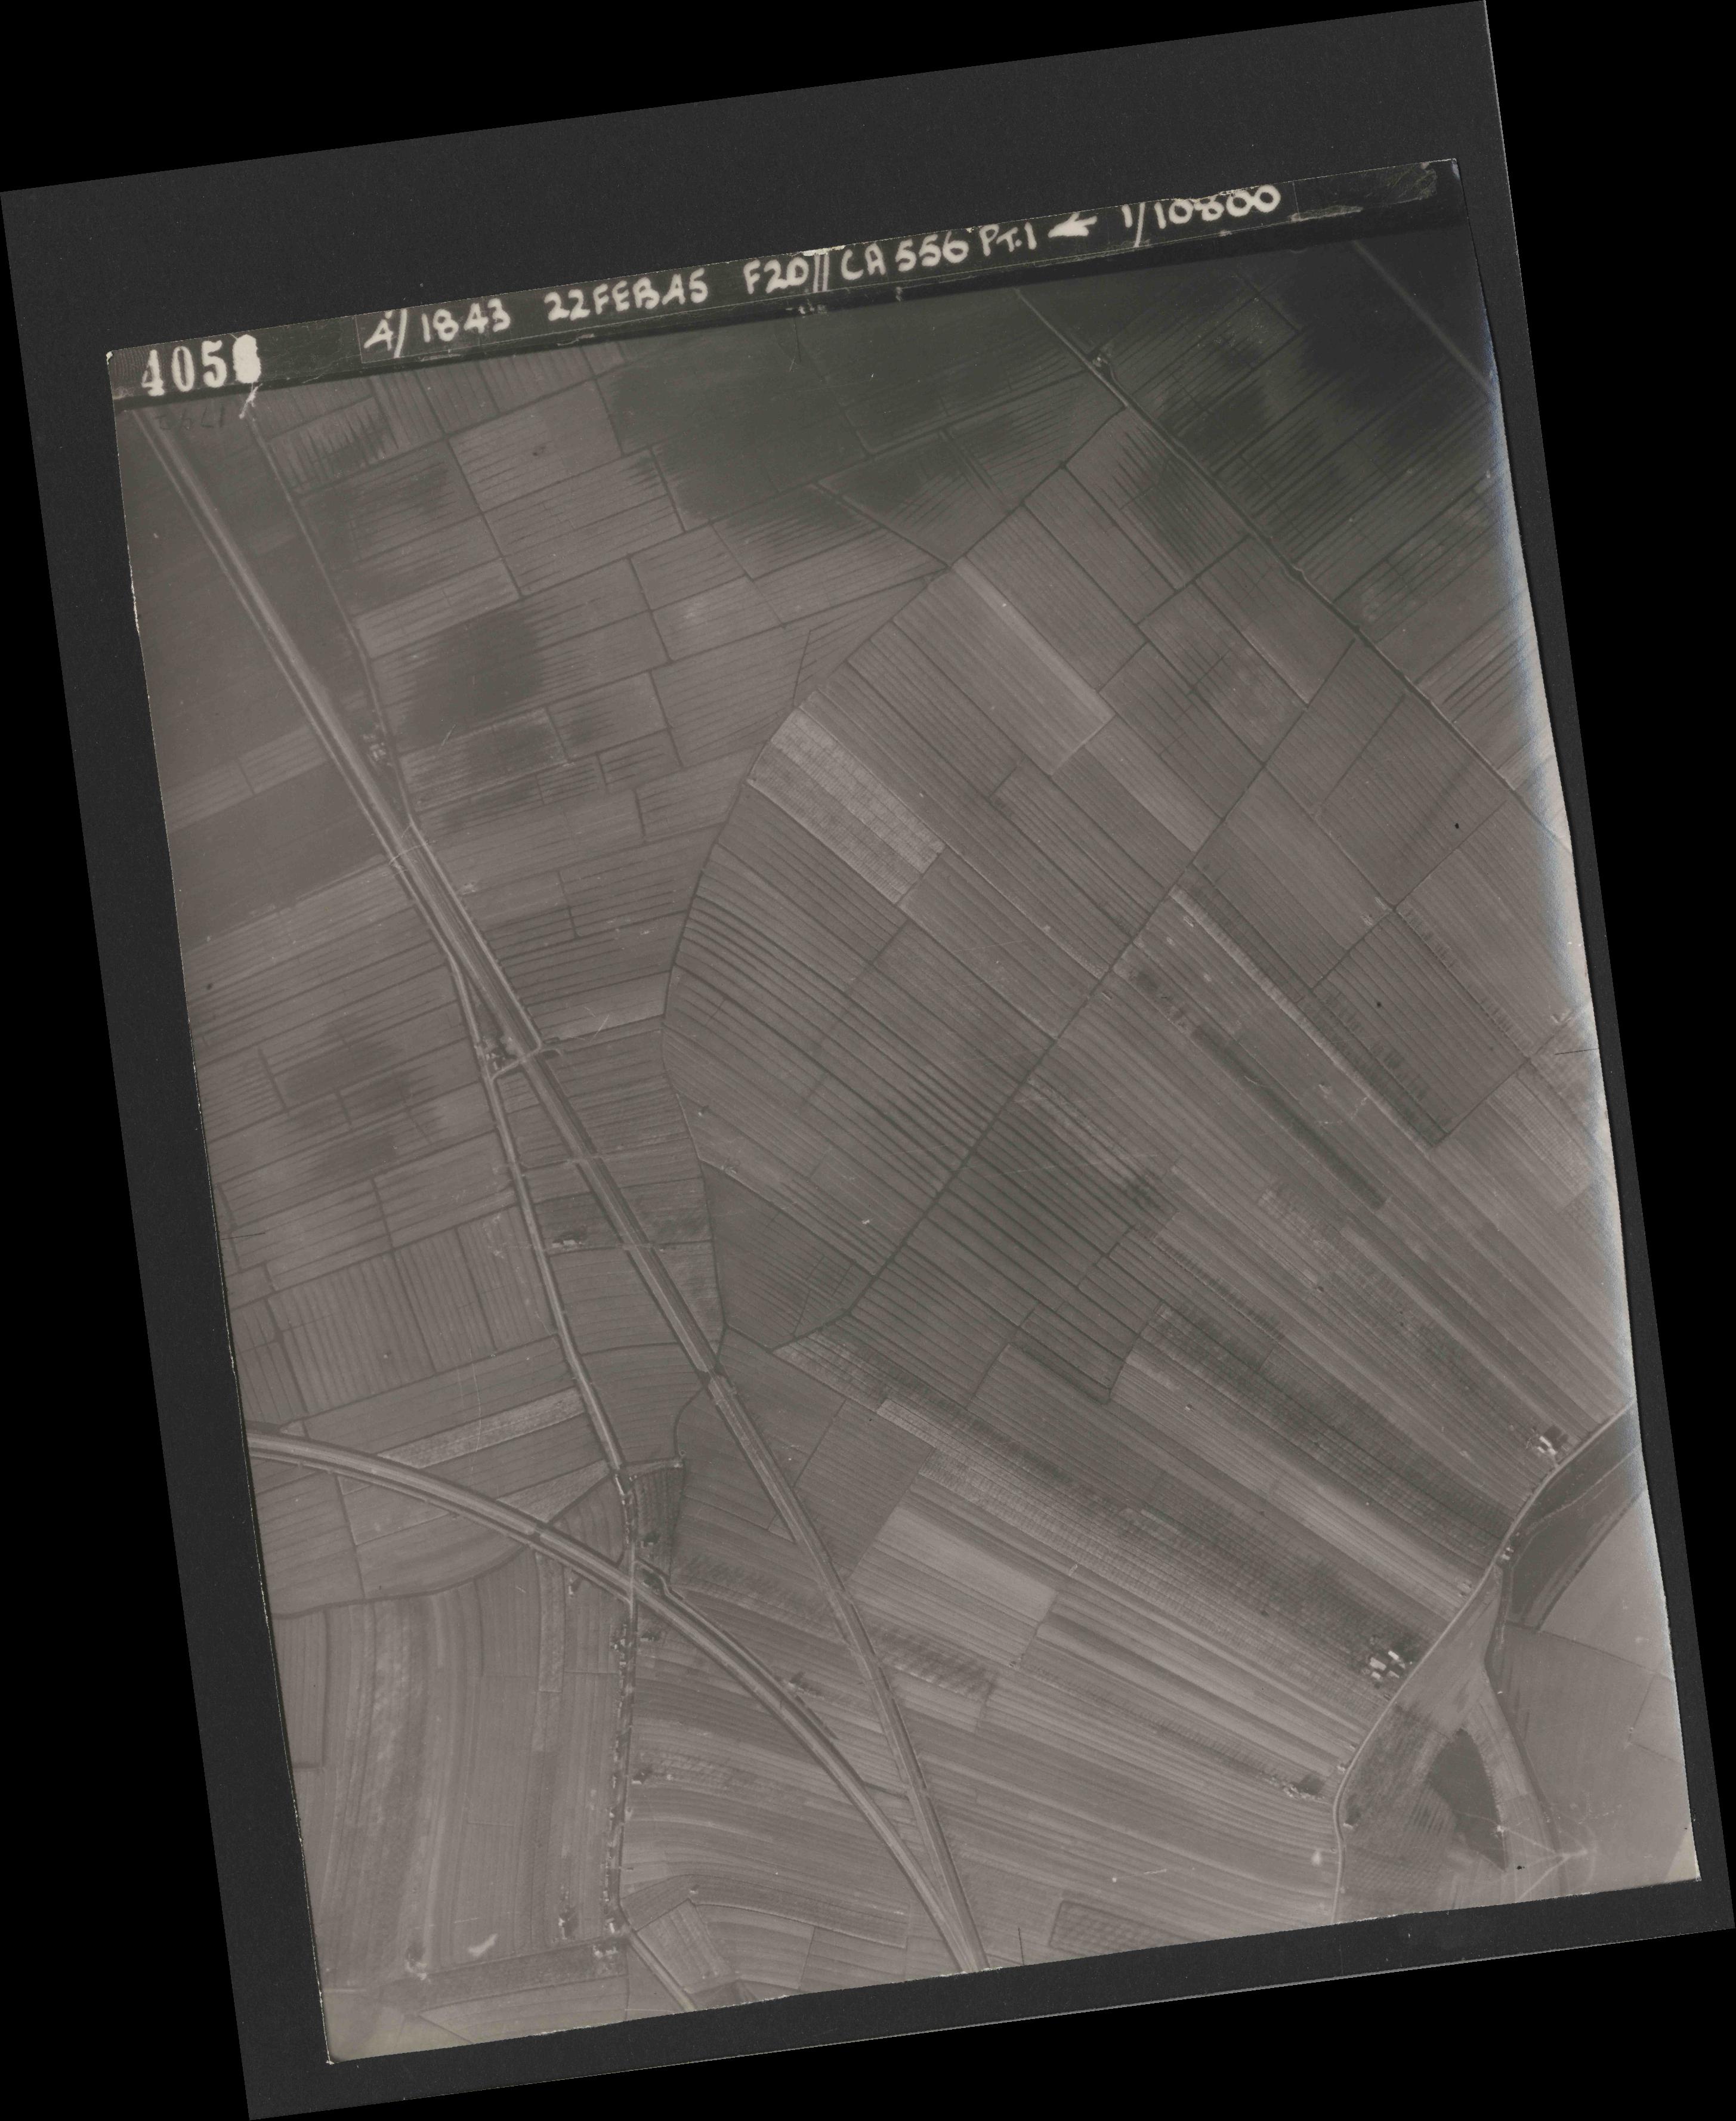 Collection RAF aerial photos 1940-1945 - flight 331, run 04, photo 4056